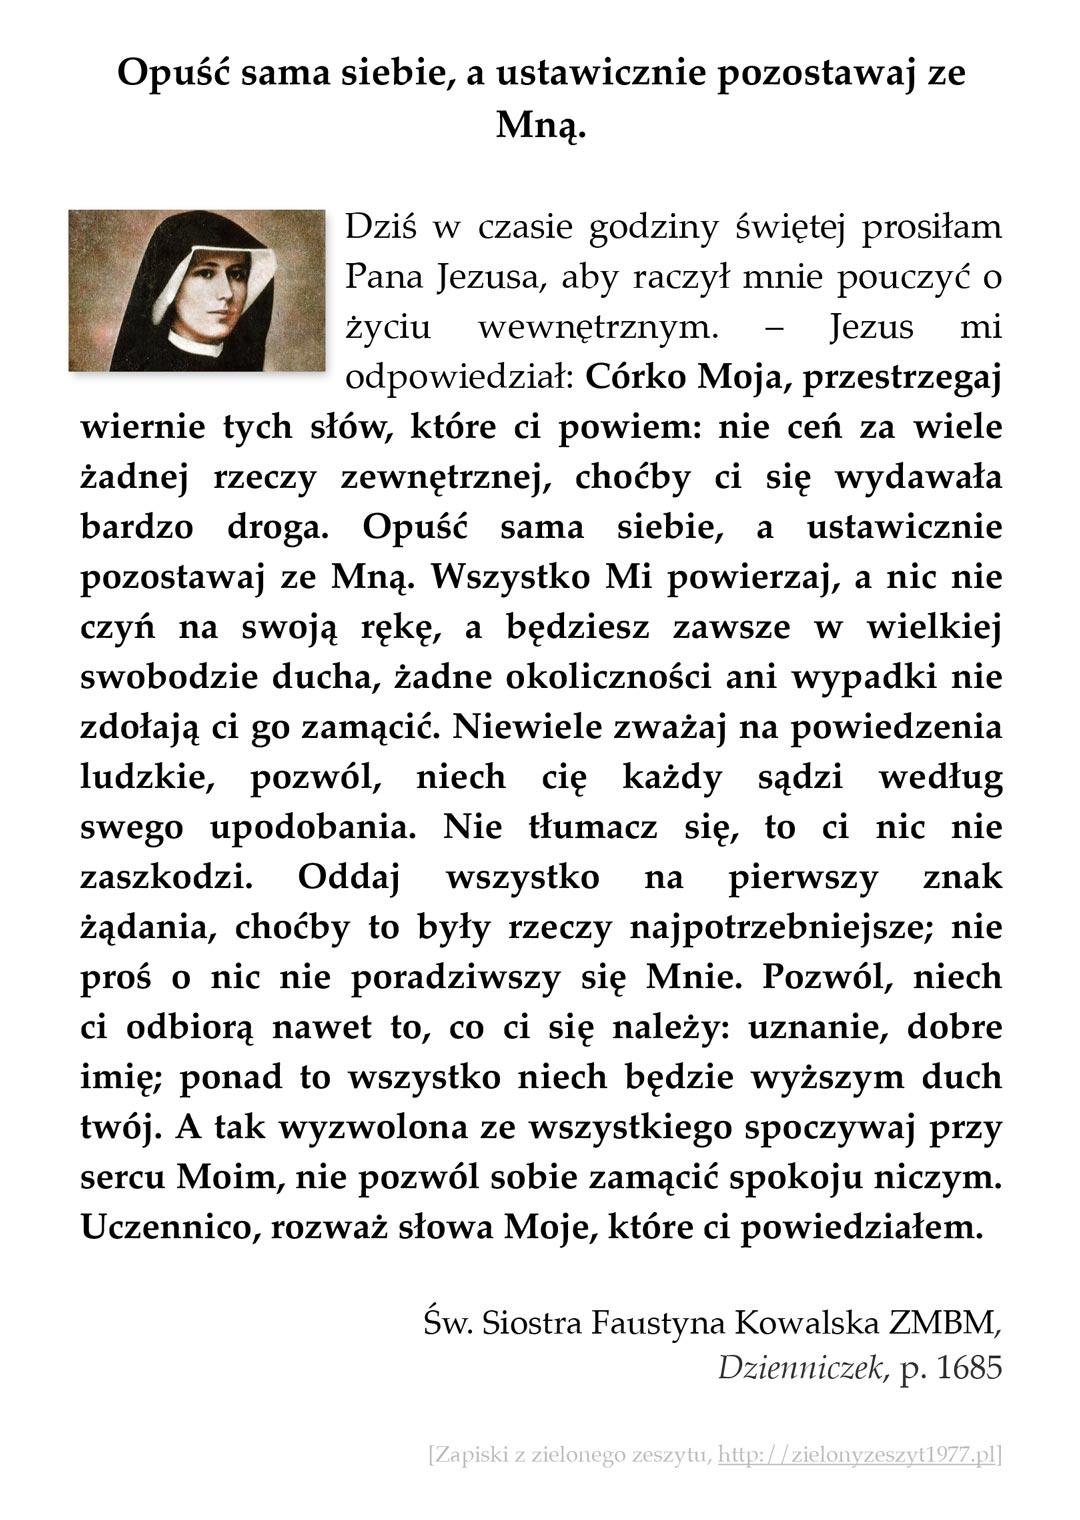 Opuść sama siebie, a ustawicznie pozostawaj ze Mną; św. Faustyna Kowalska